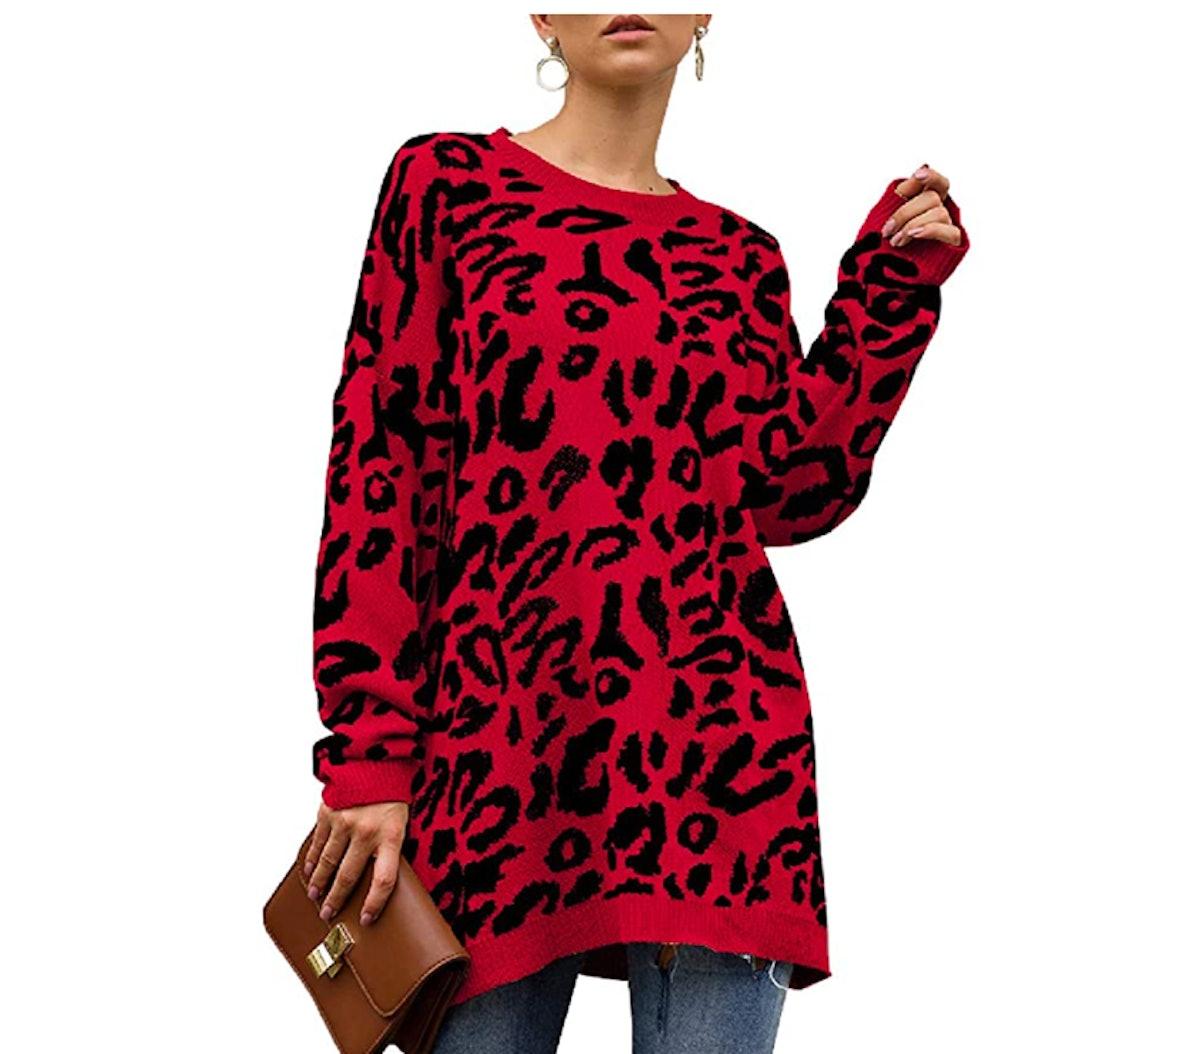 NSQTBA Leopard Print Sweater